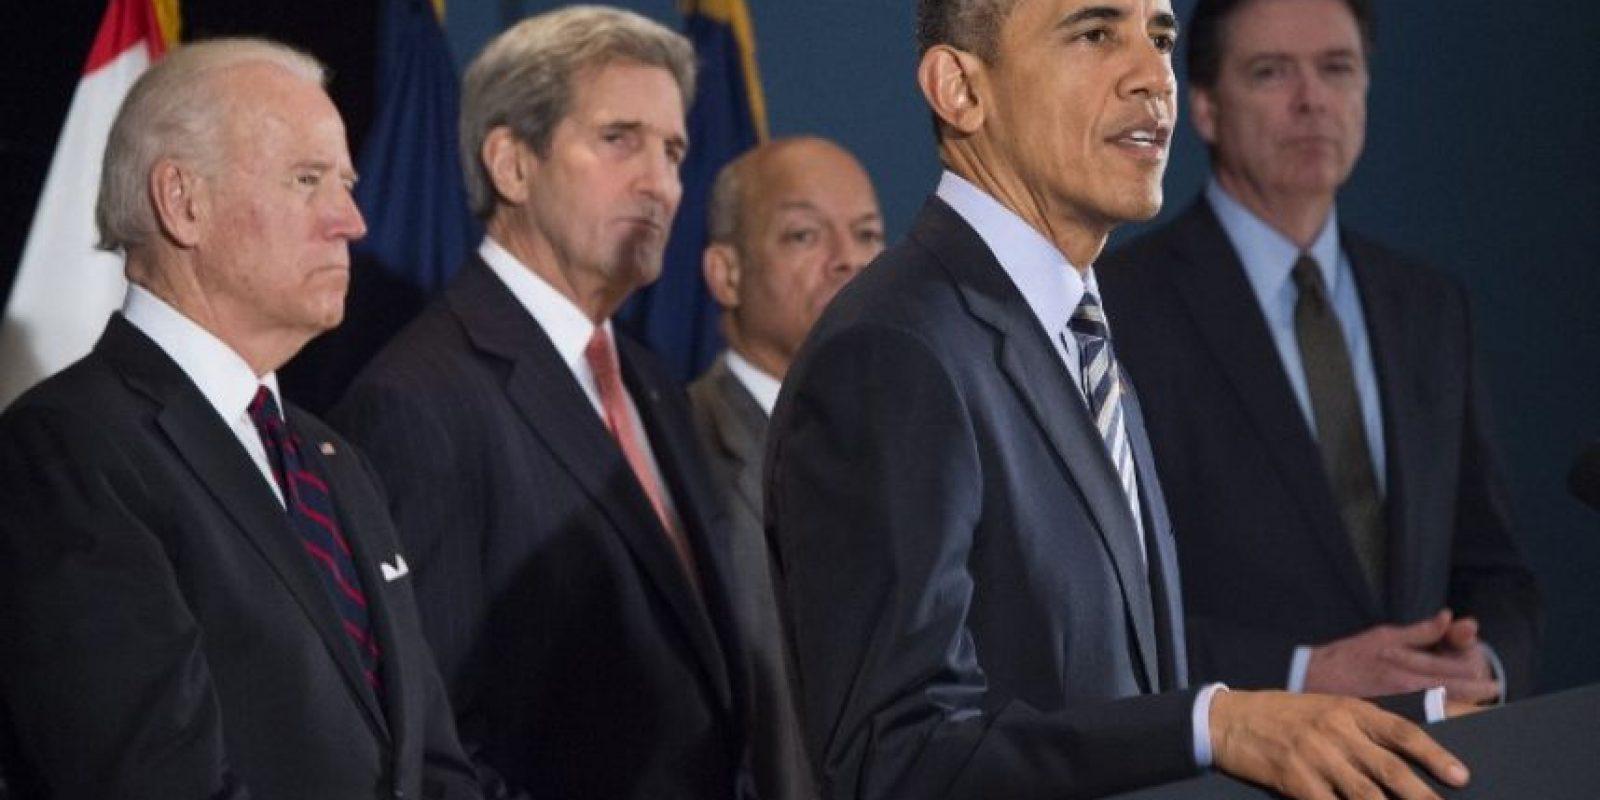 Aseguró que, desde los atentados del 9/11, el Gobierno reforzó las medidas para luchar contra los terroristas. Foto:AFP